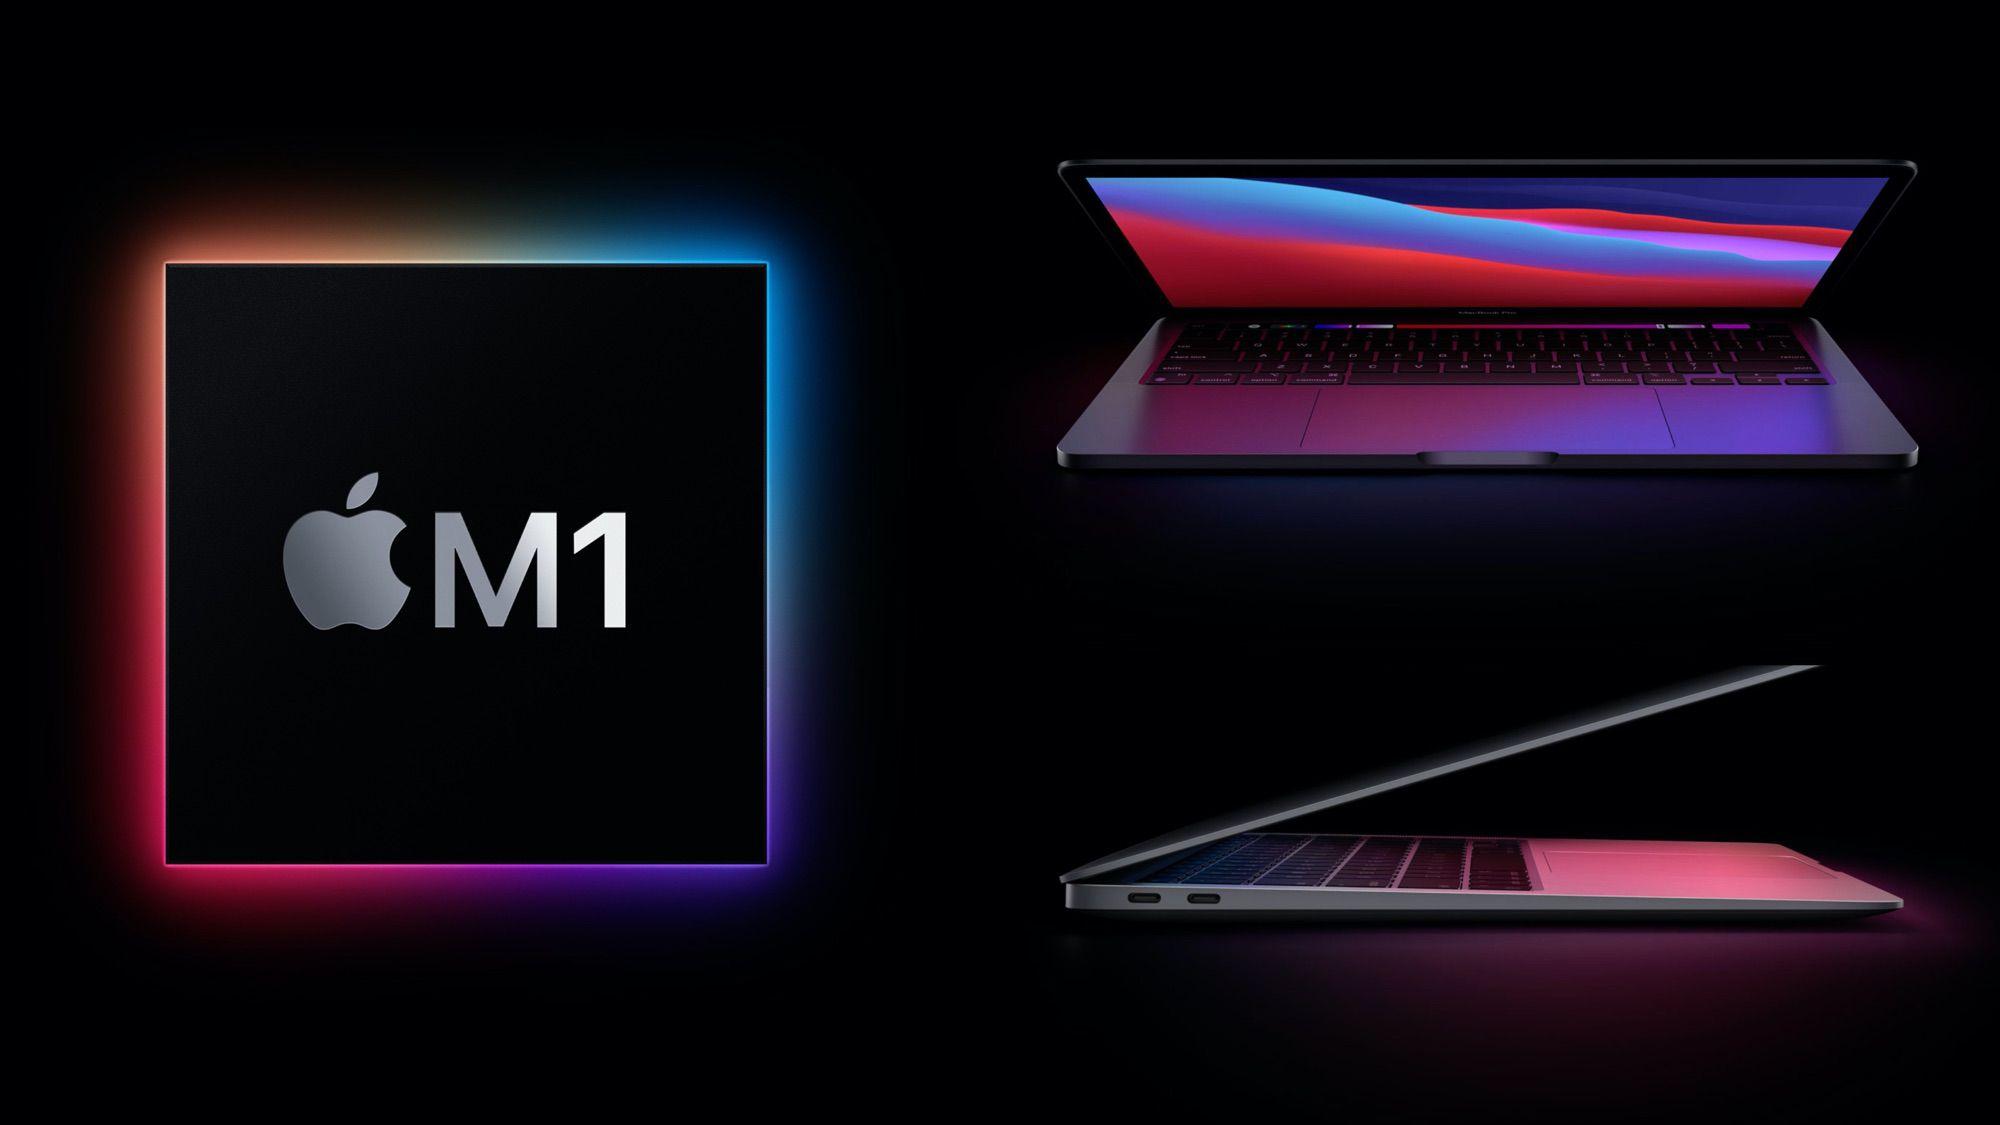 Como Instalar Oracle Client no MacBook M1